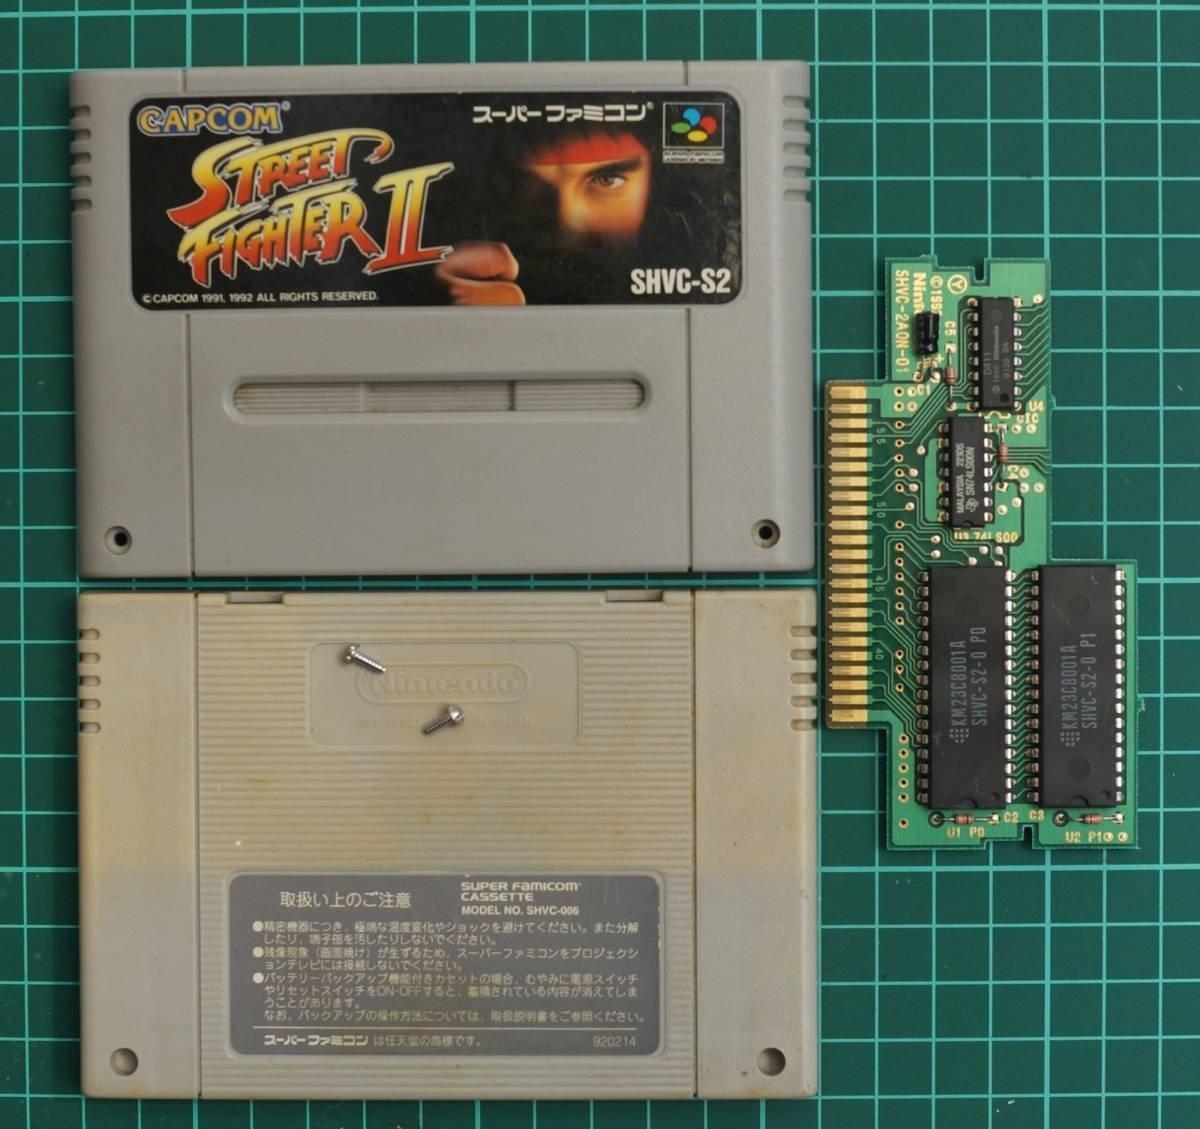 スーパーファミコン カートリッジ : ストリートファイターⅡ SHVC-S2